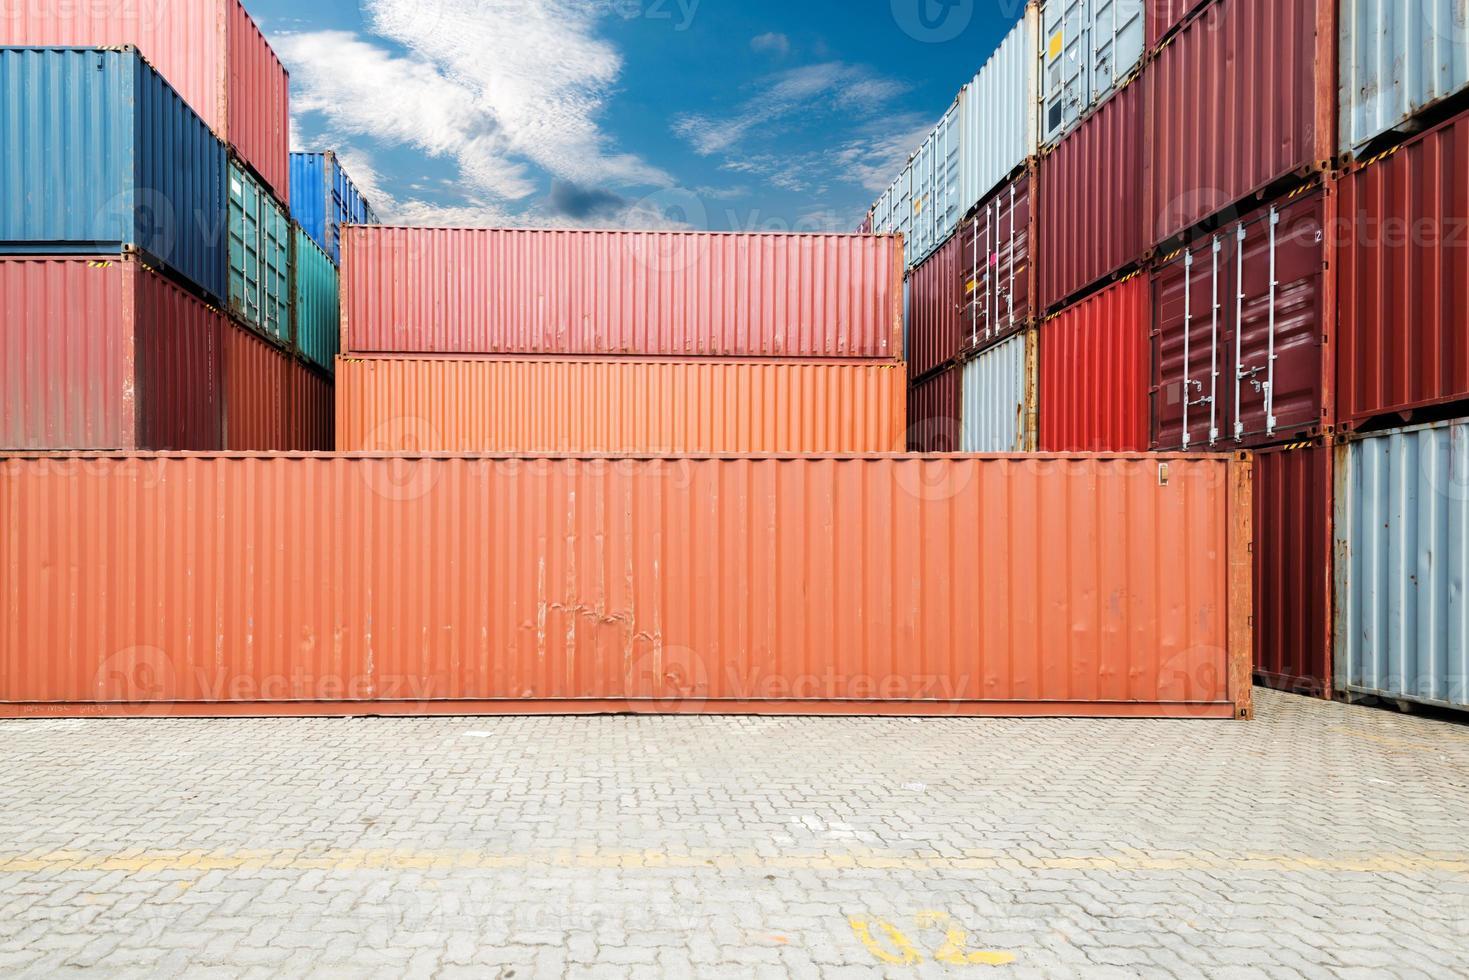 Stapel von Frachtcontainern an den Docks foto